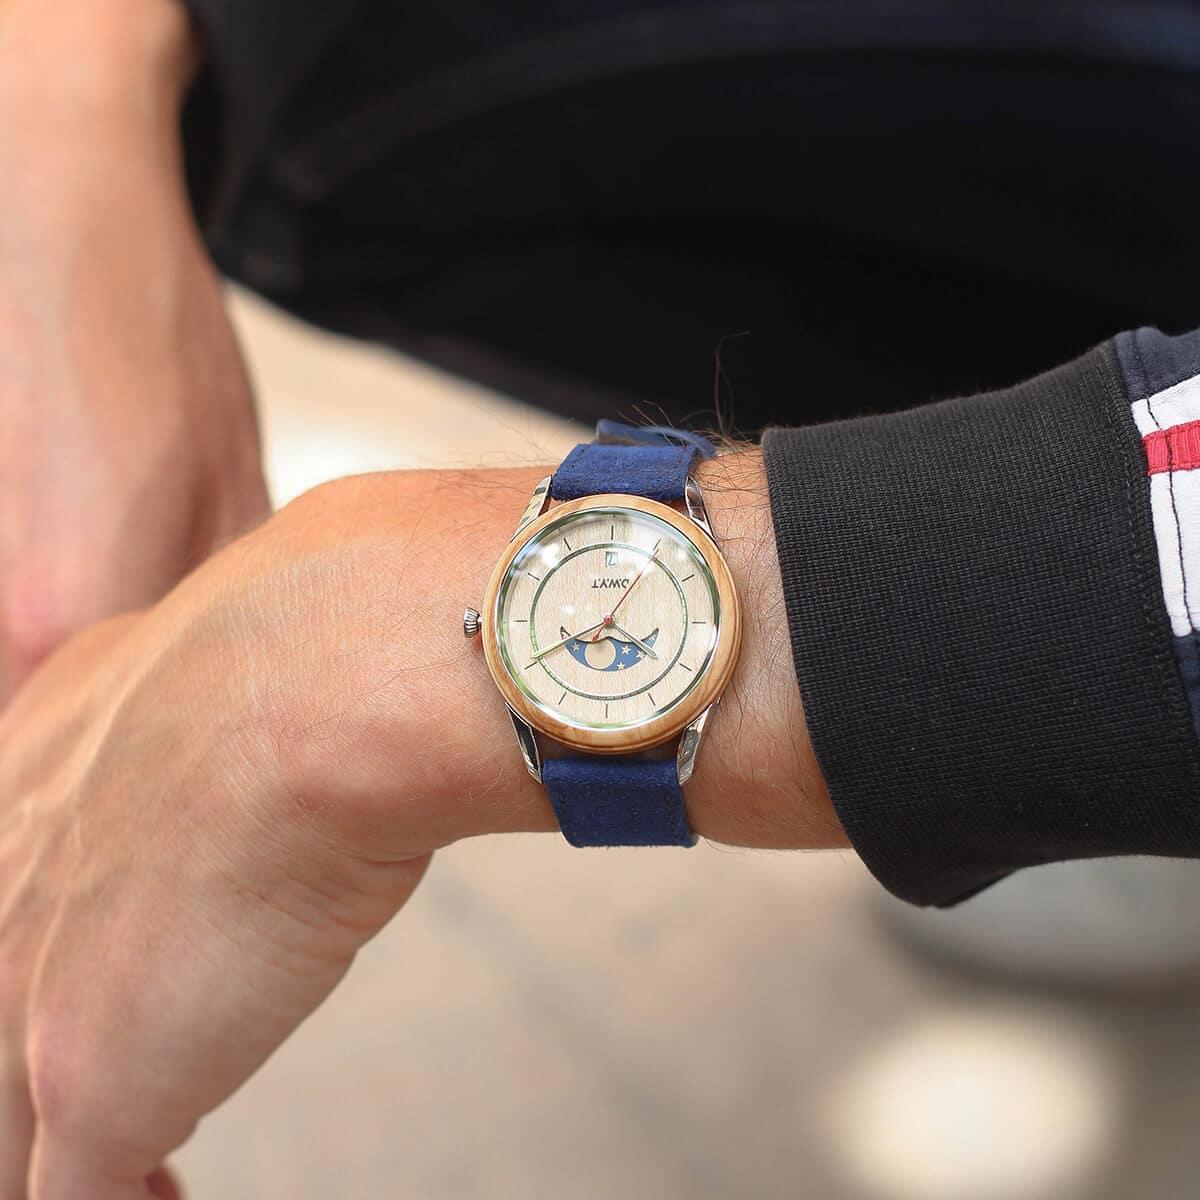 Montre phases de lune Full moon avec bracelet en cuir vintage bleu saphir